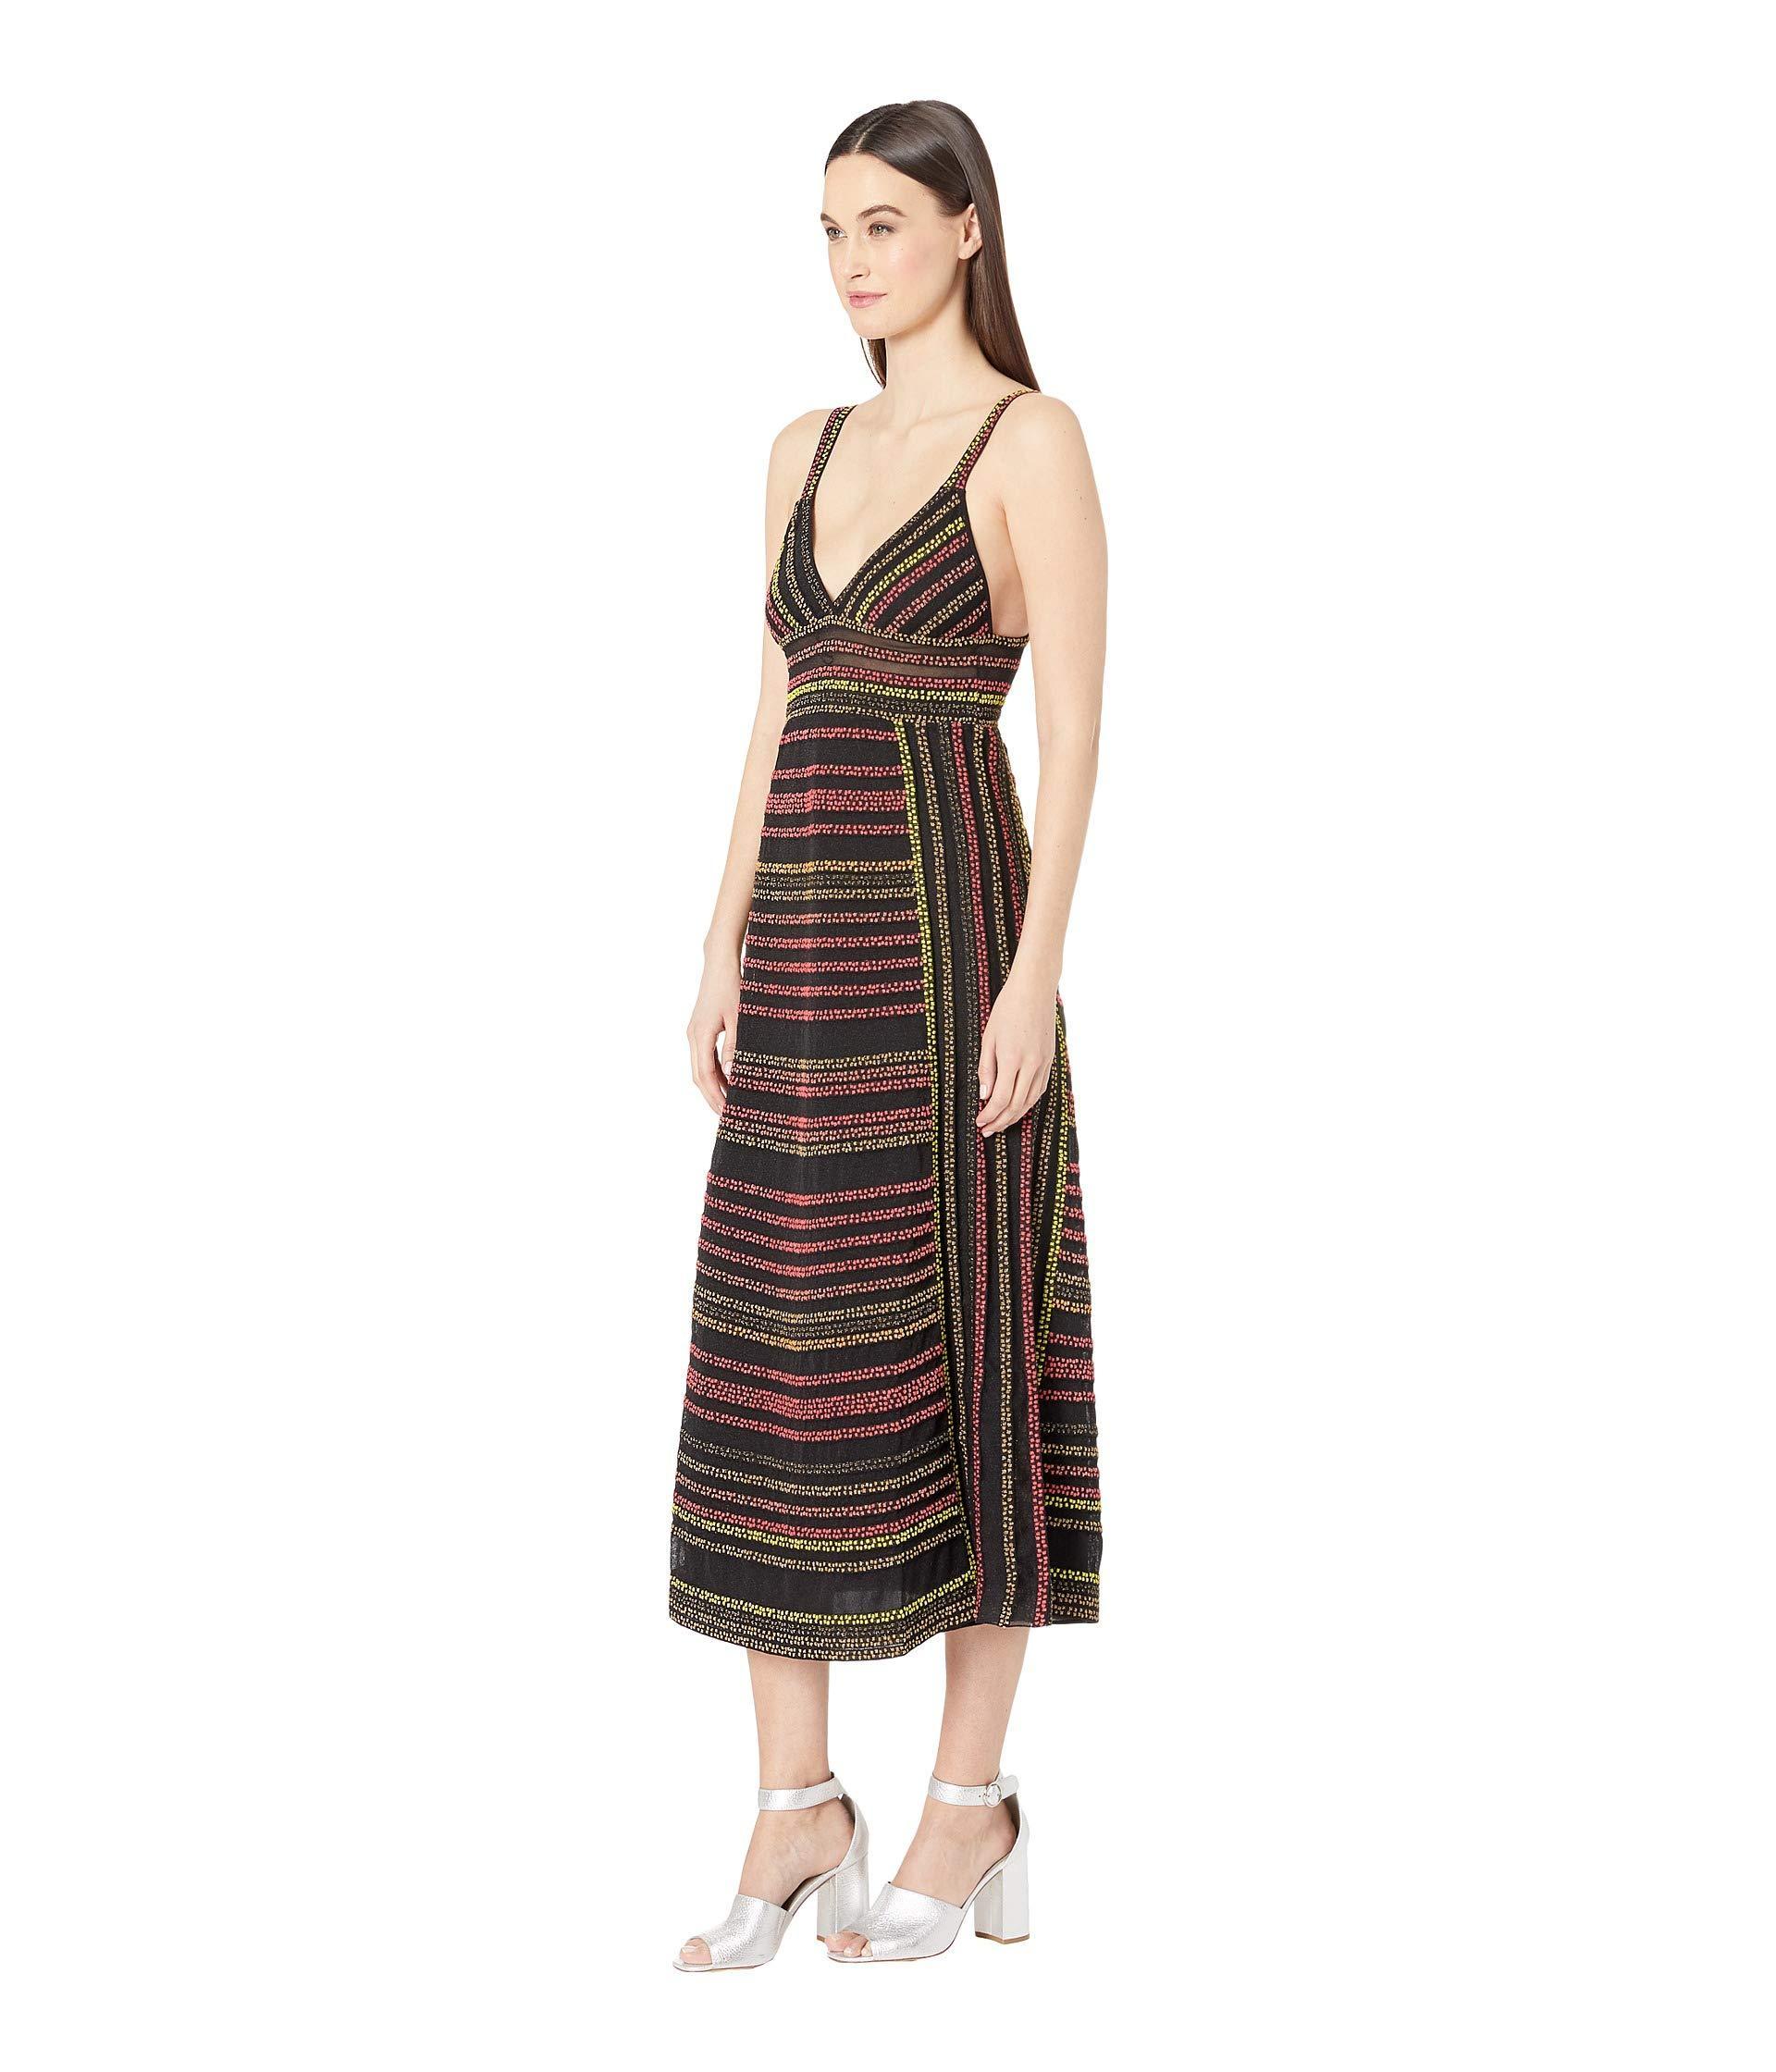 557e64b6e55 Lyst - M Missoni Popcorn Jacquard Long Dress (black) Women s Dress in Black